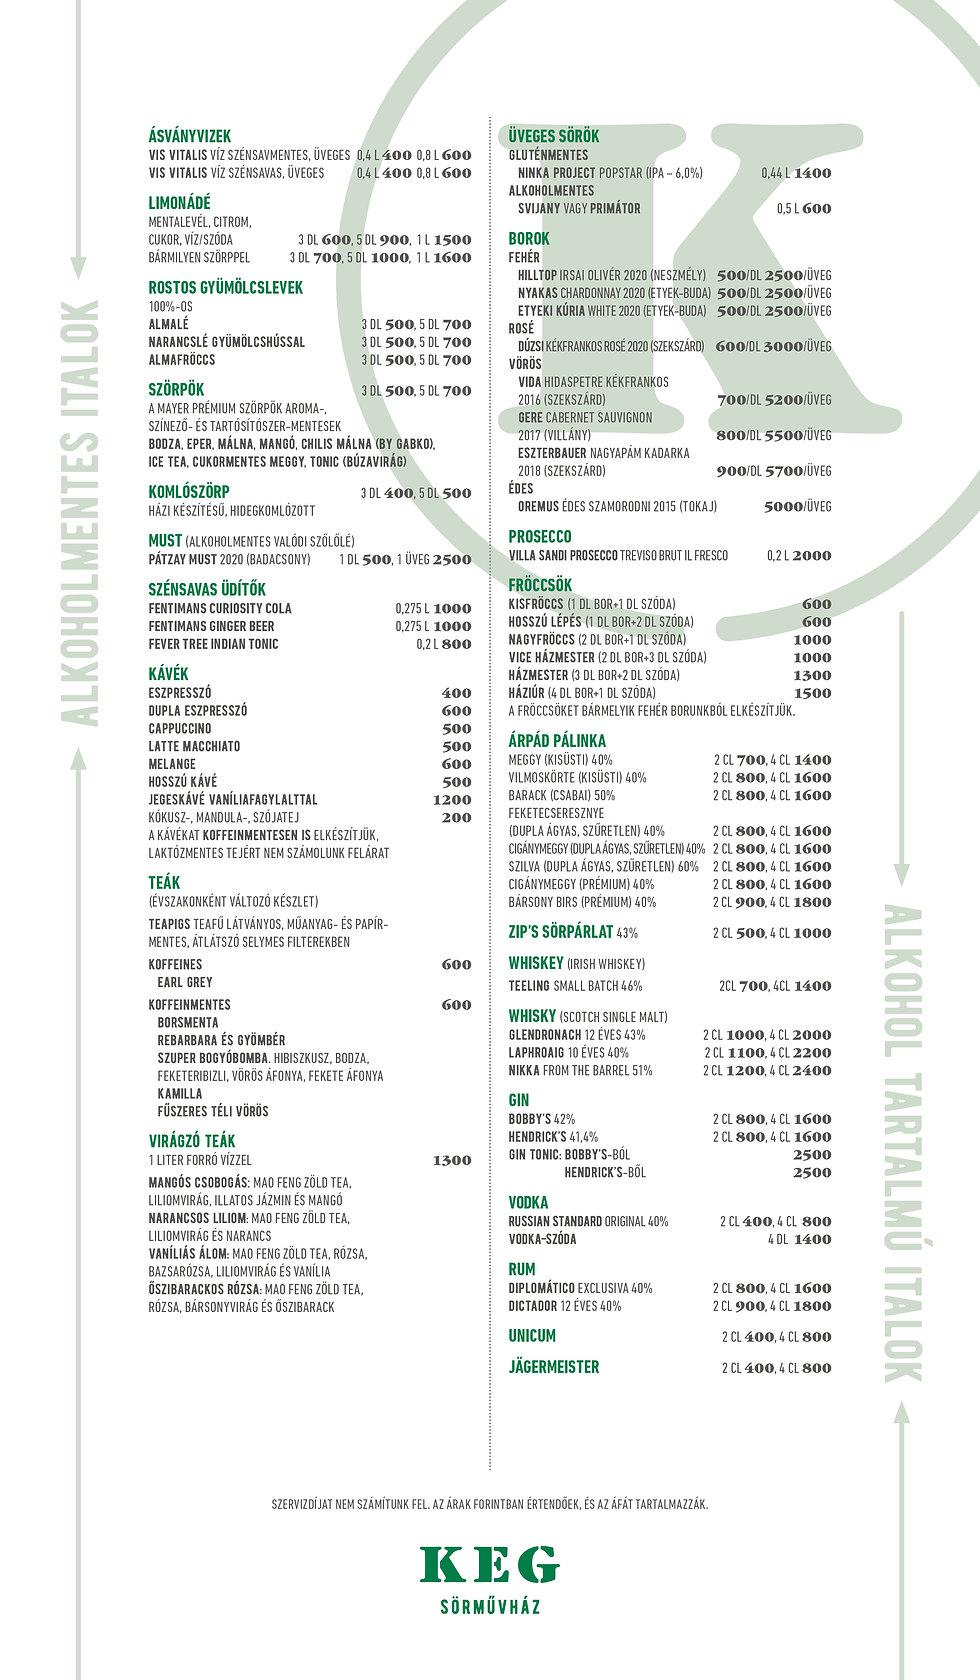 keg_sormuvhaz_menu_itallap_2021_062.jpg